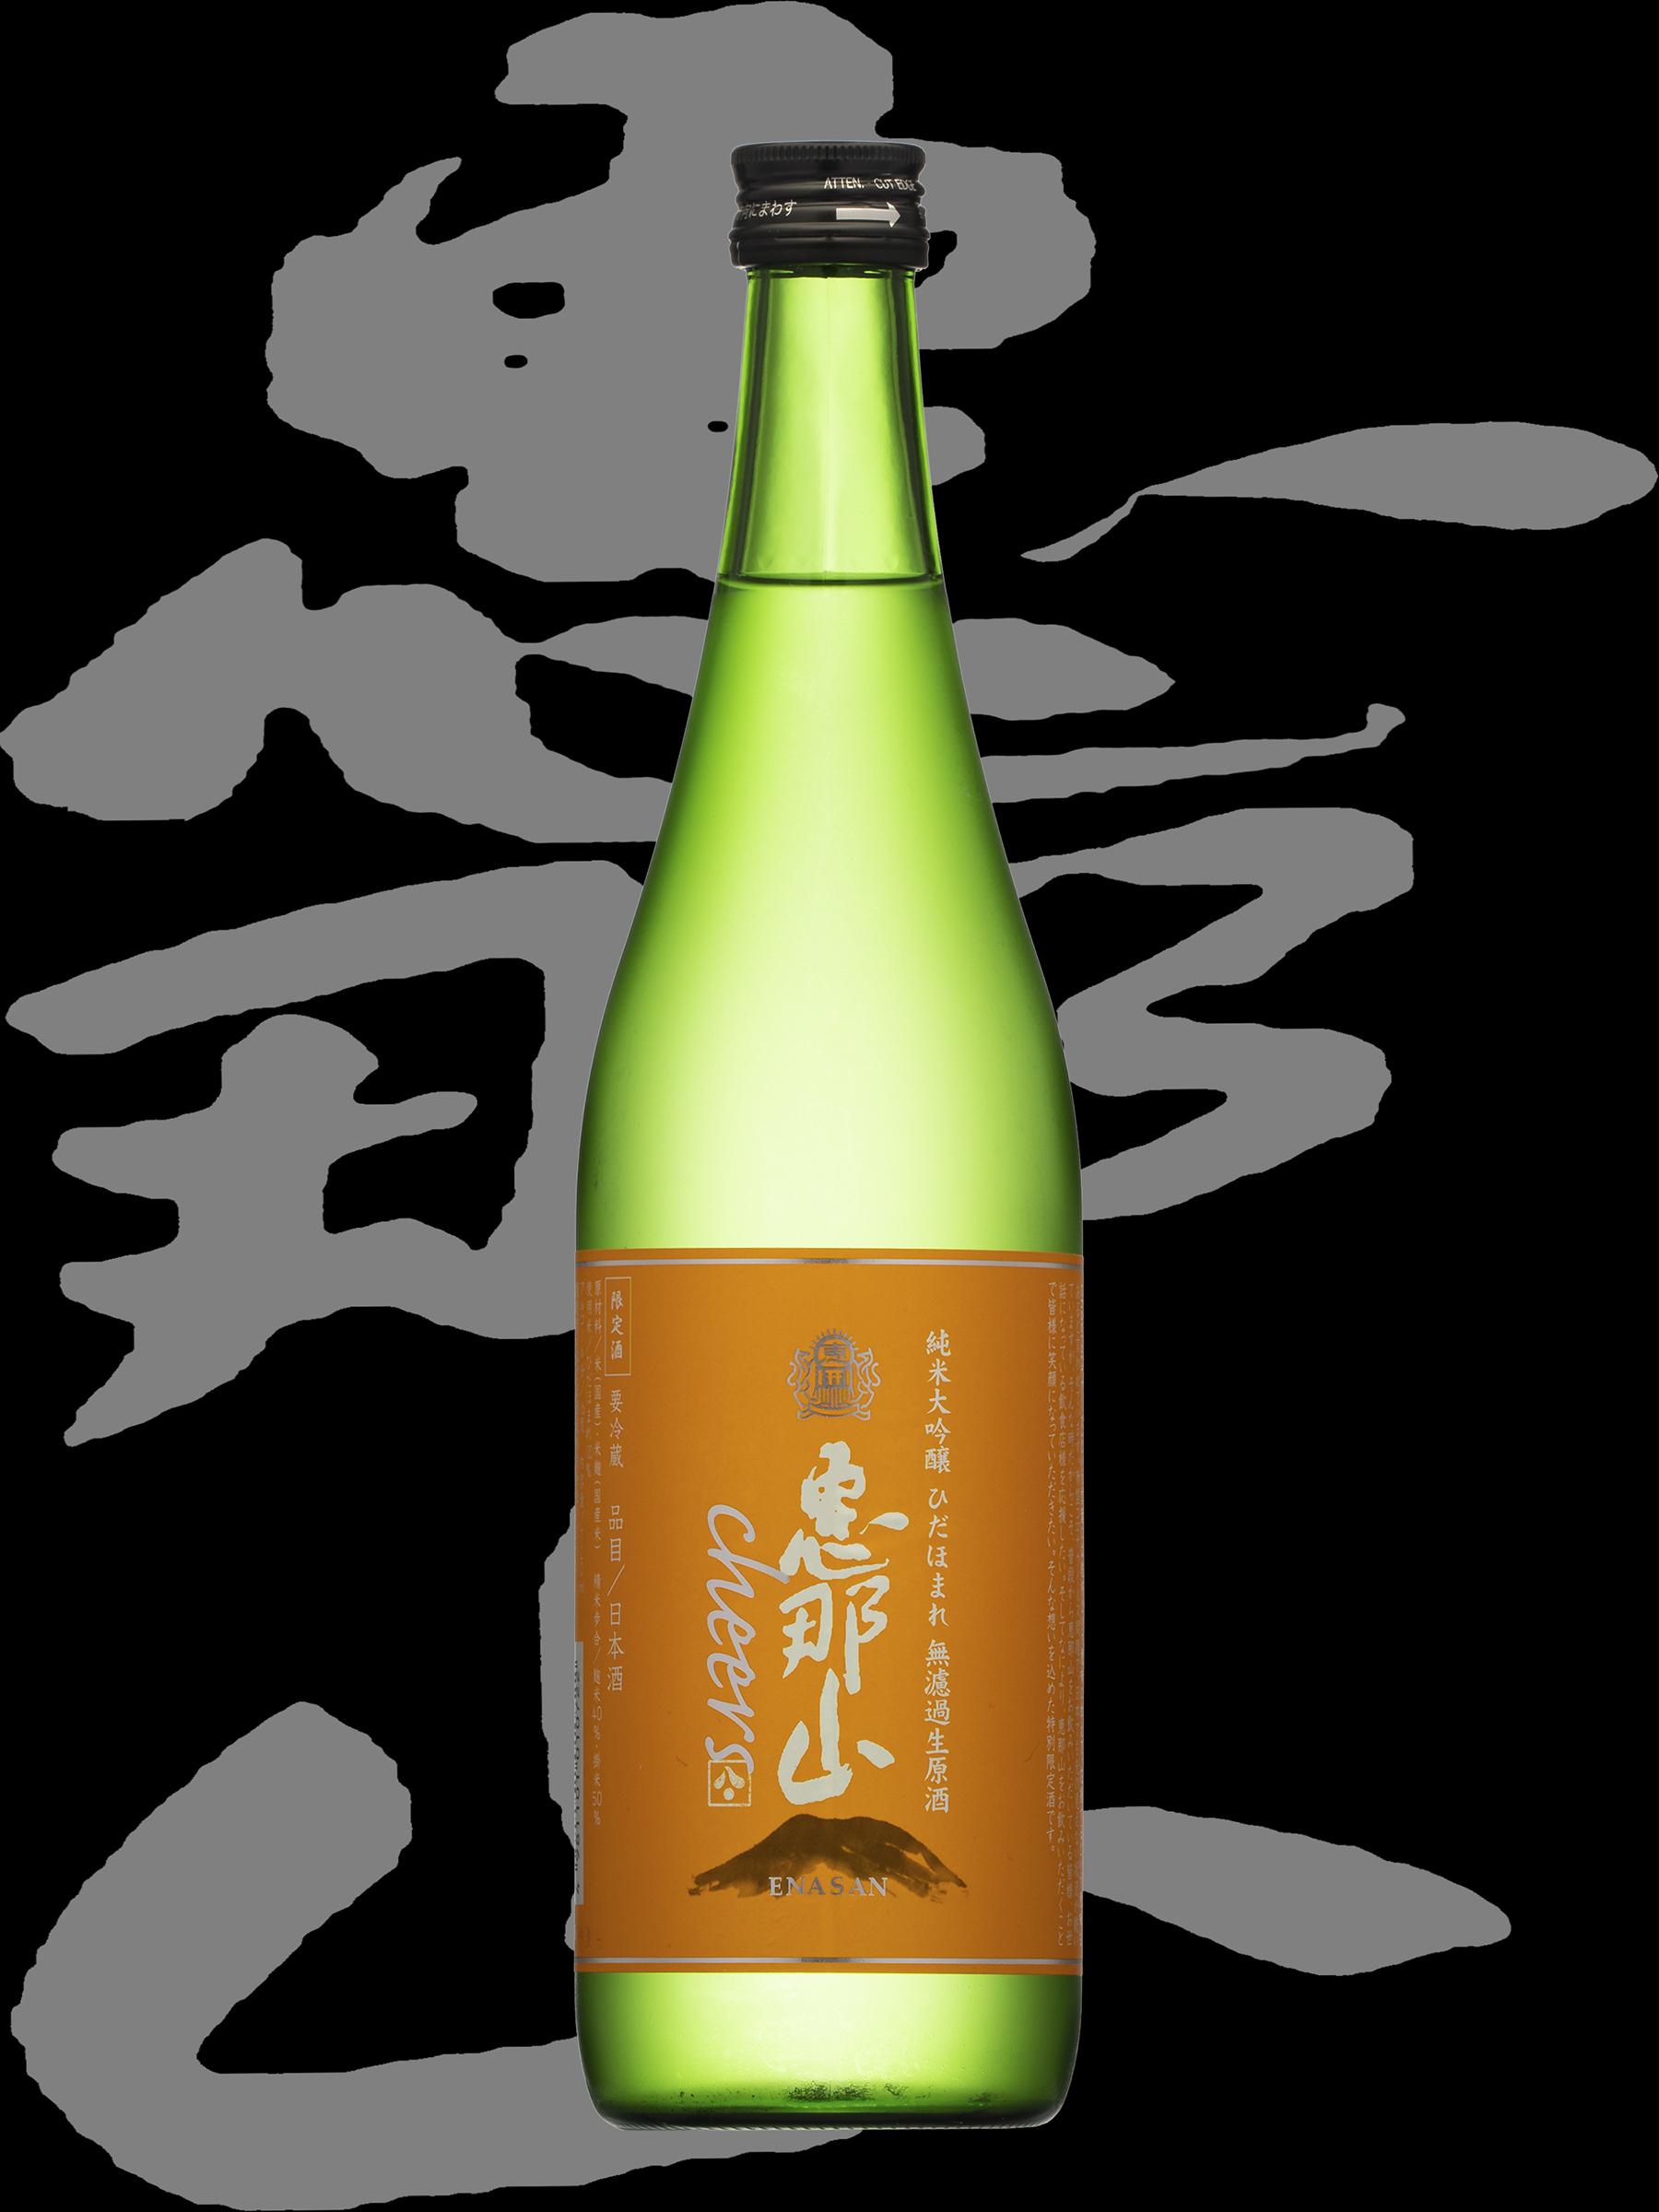 恵那山(えなさん)「純米大吟醸」cheersひだほまれ無濾過生原酒